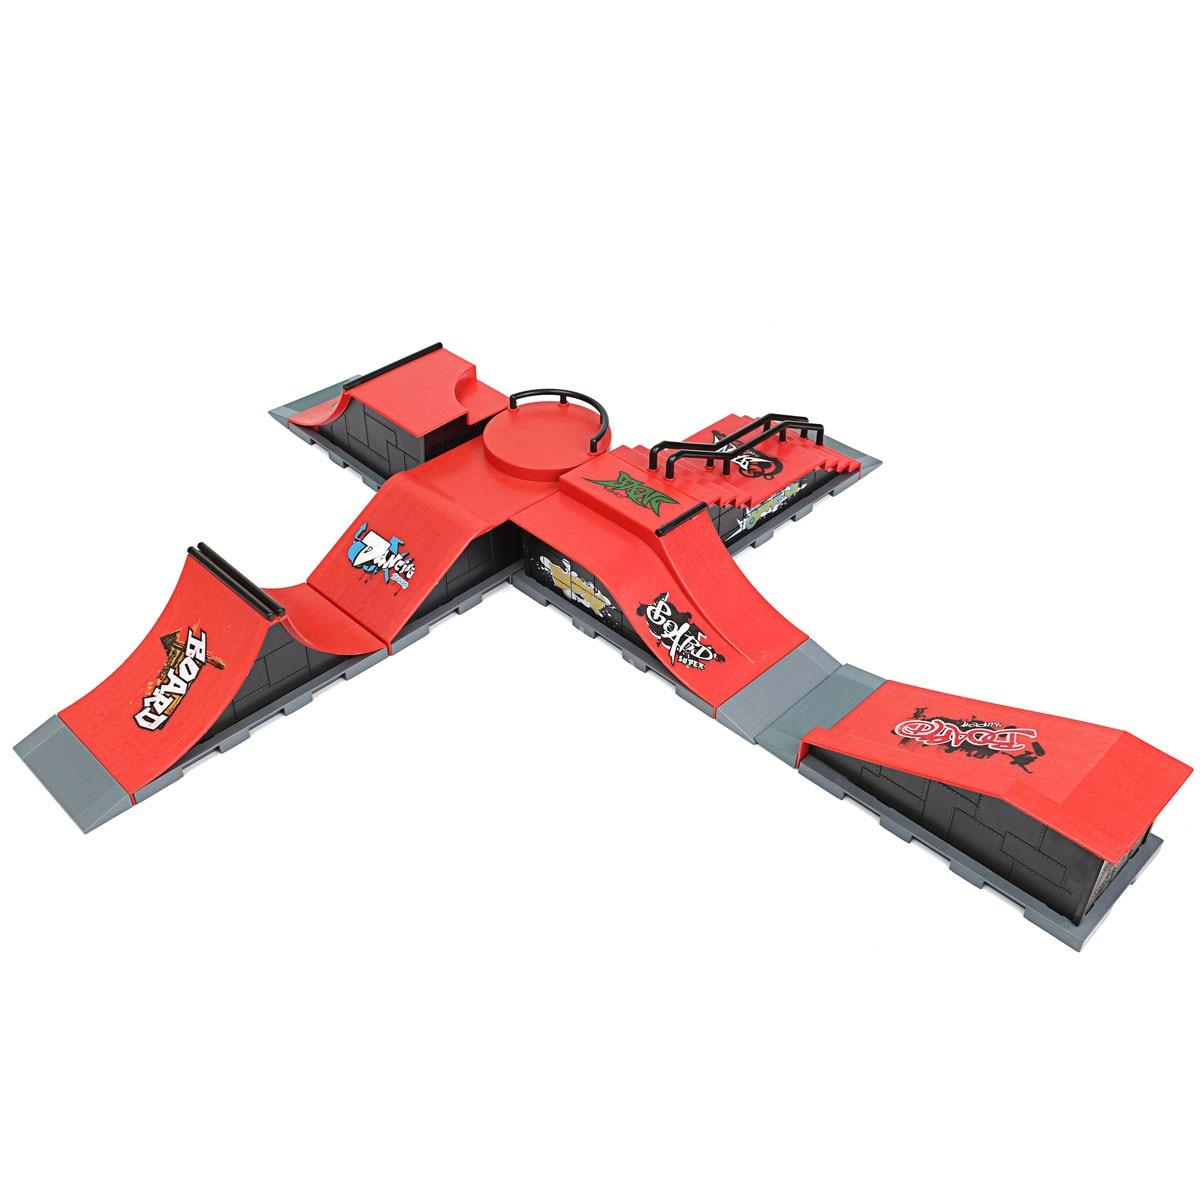 DIY 1 stück A-F Website Skate Park Rampe Teile Für Griffbrett Finger Board Ultimative Parks Jungen Spiele Erwachsene Neuheit Einzelteile kinder Spielzeug